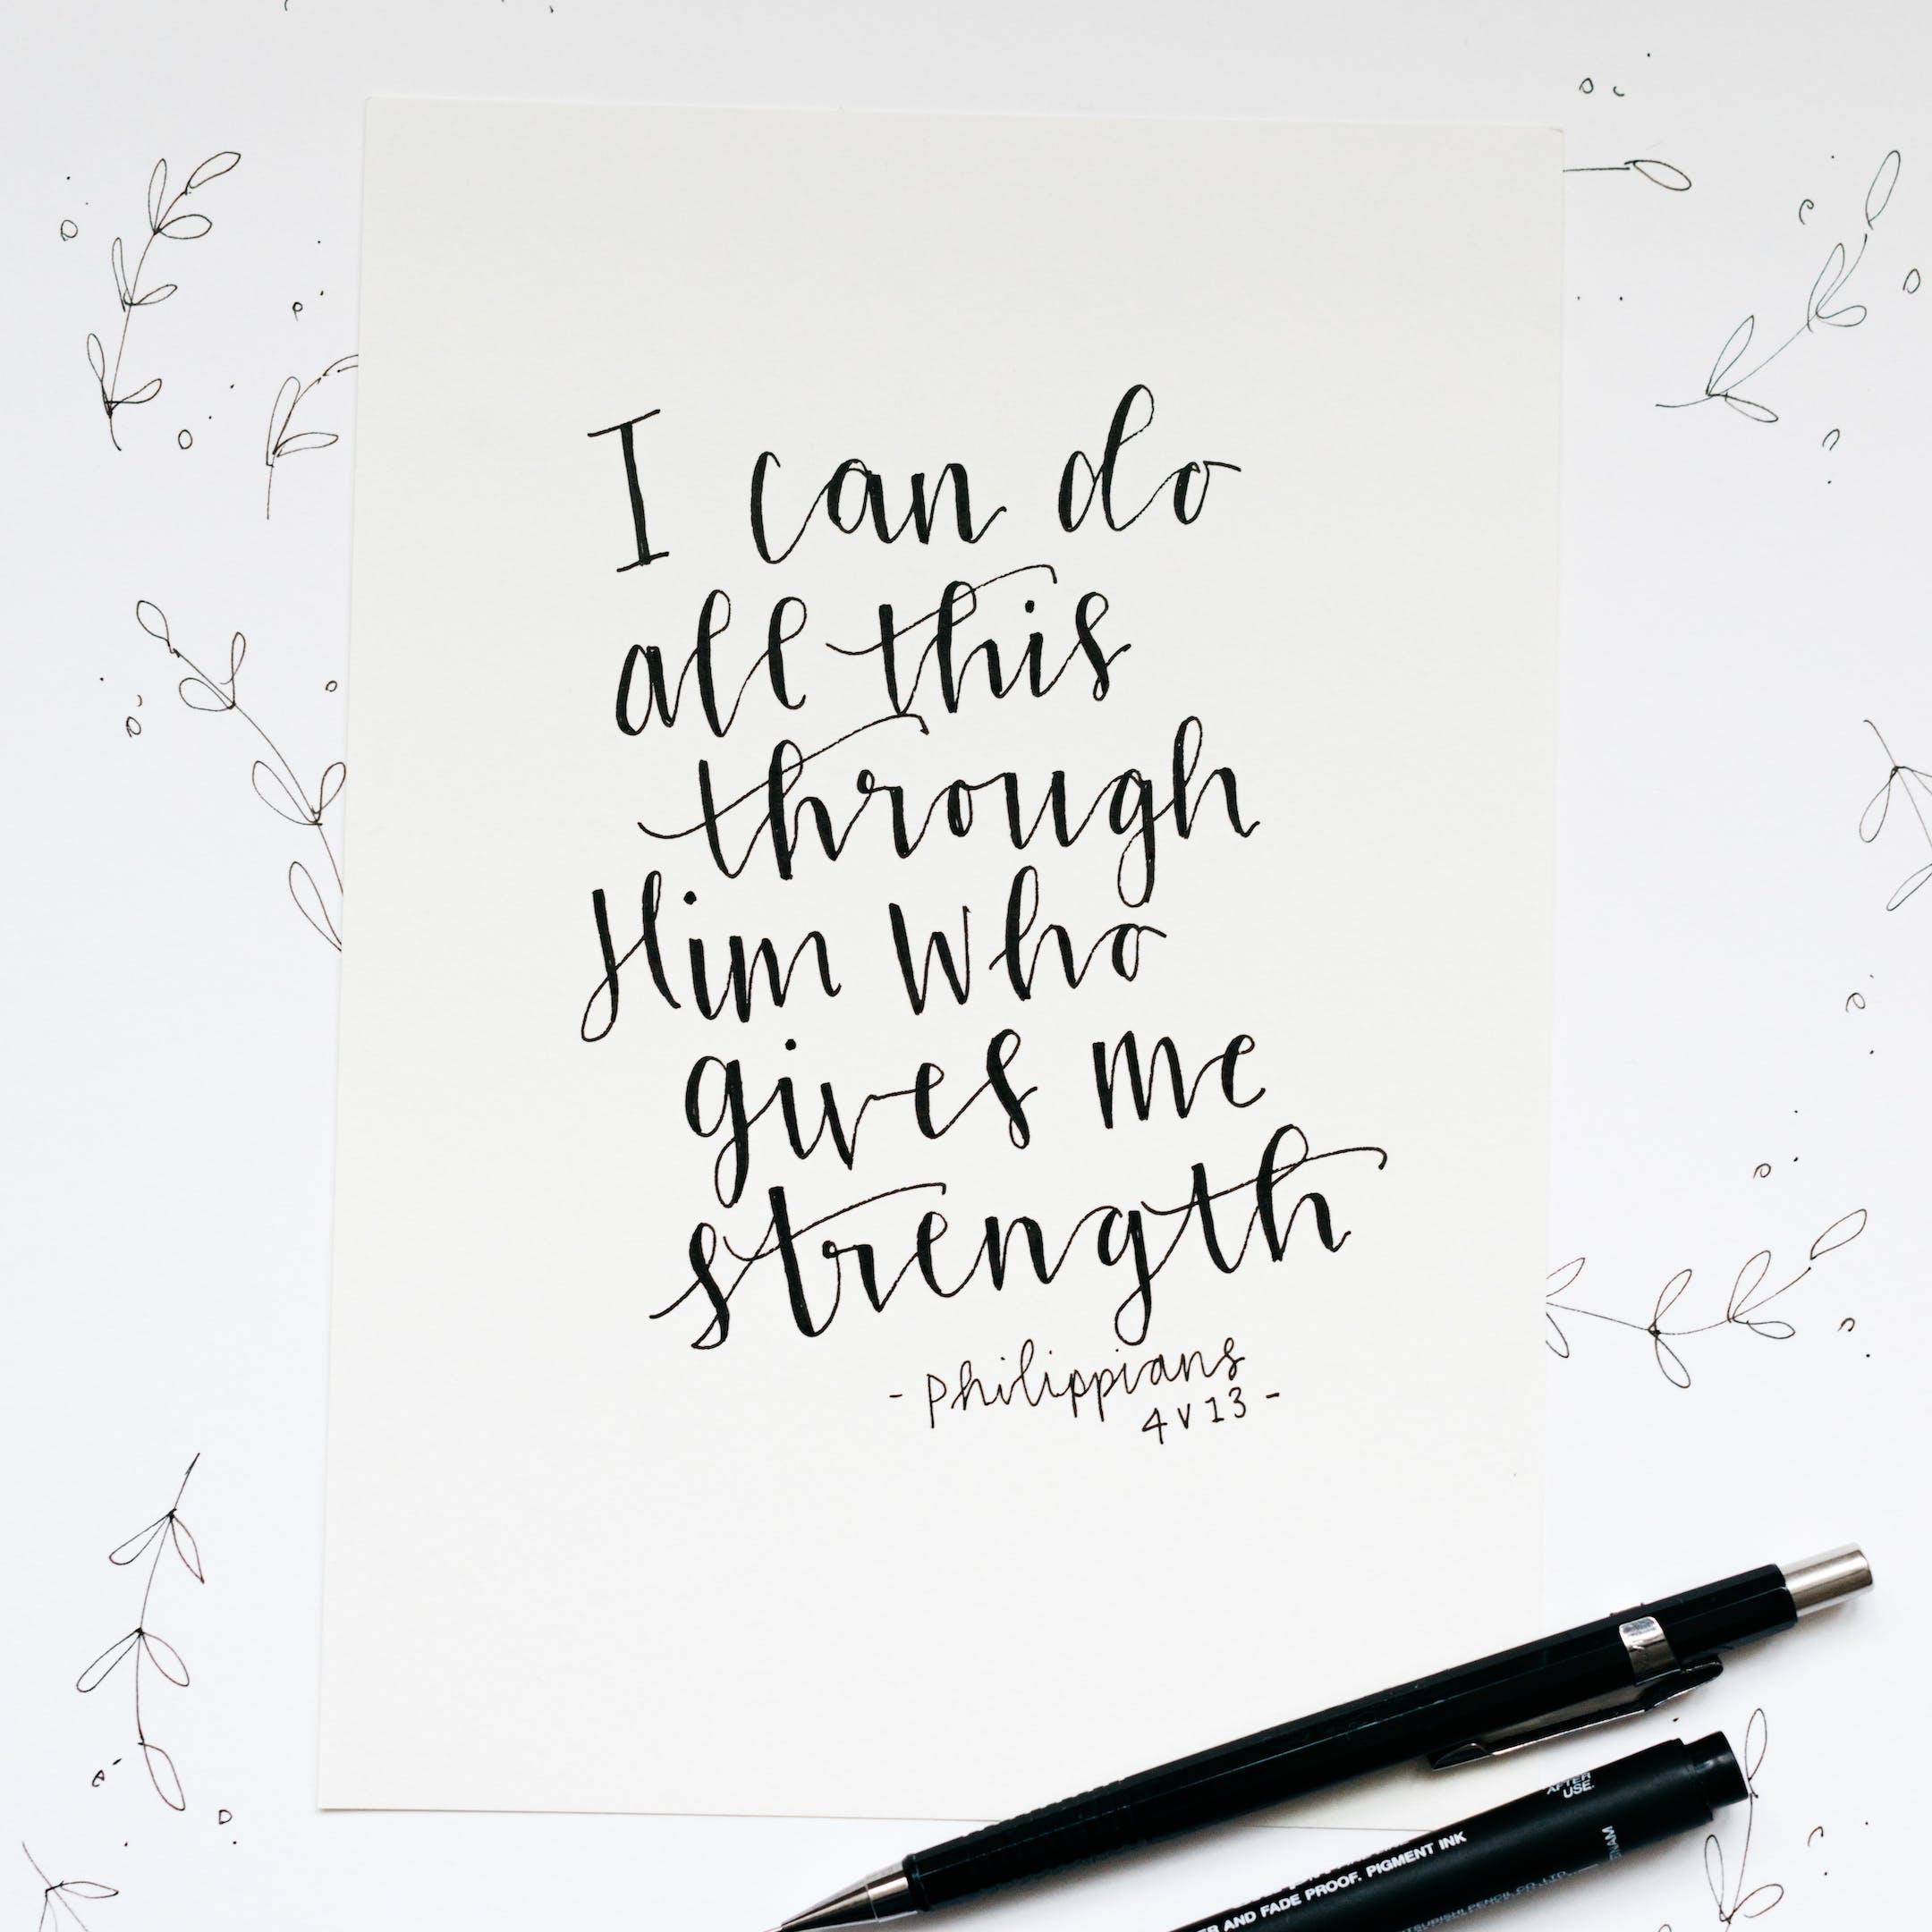 Philippians 4:13 Scripture Print - Kate Hanks Art